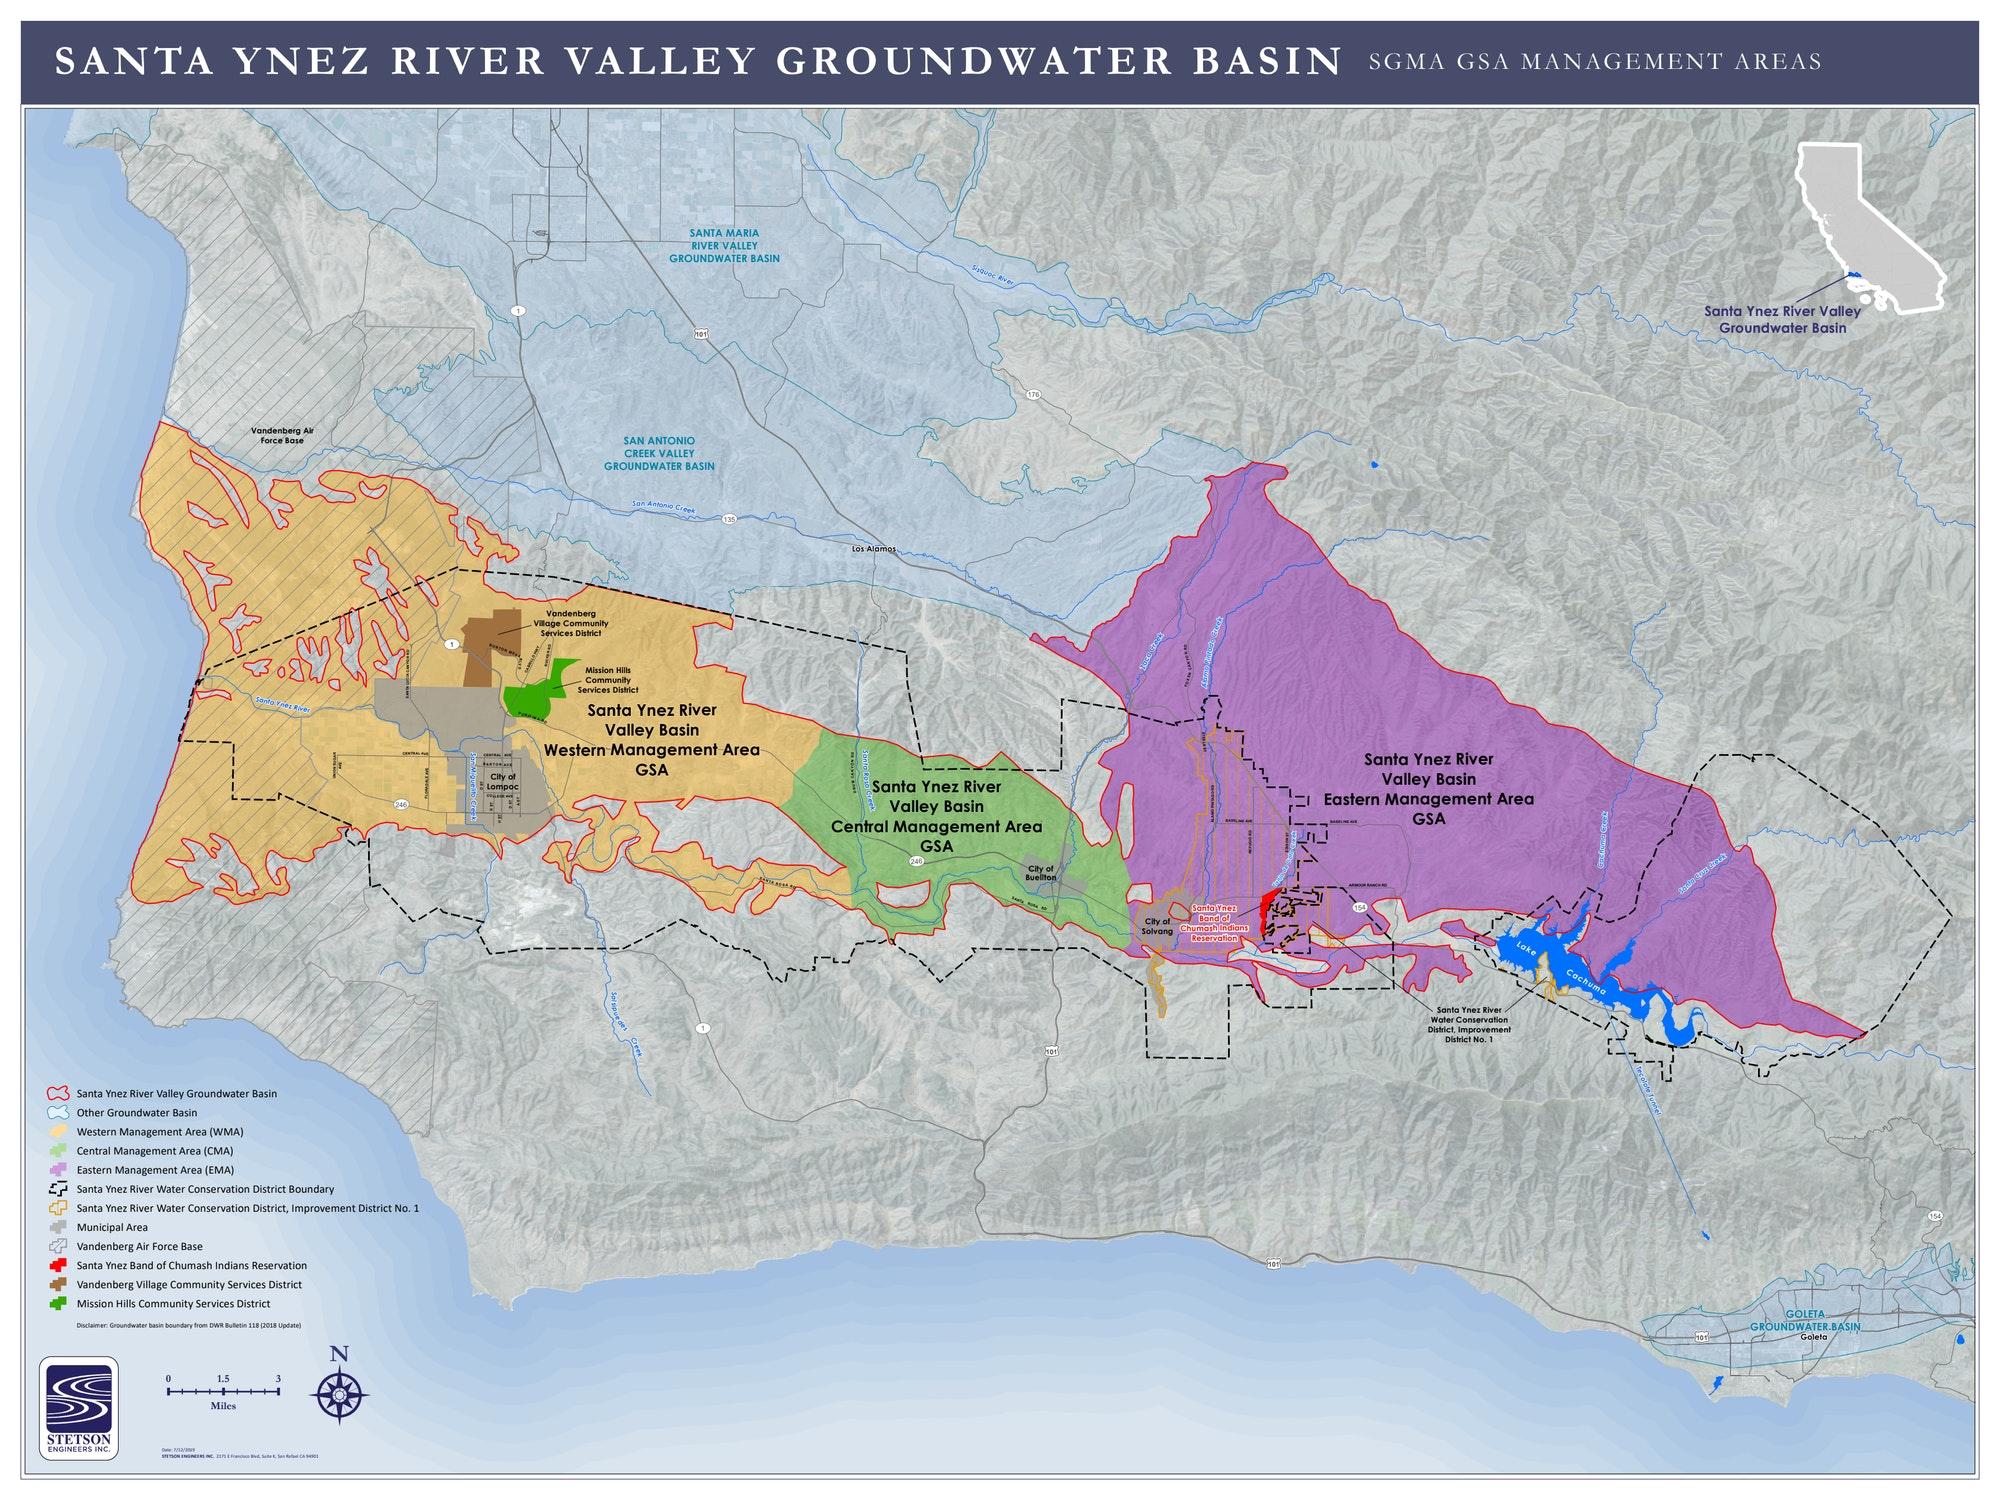 Map GSA boundaries